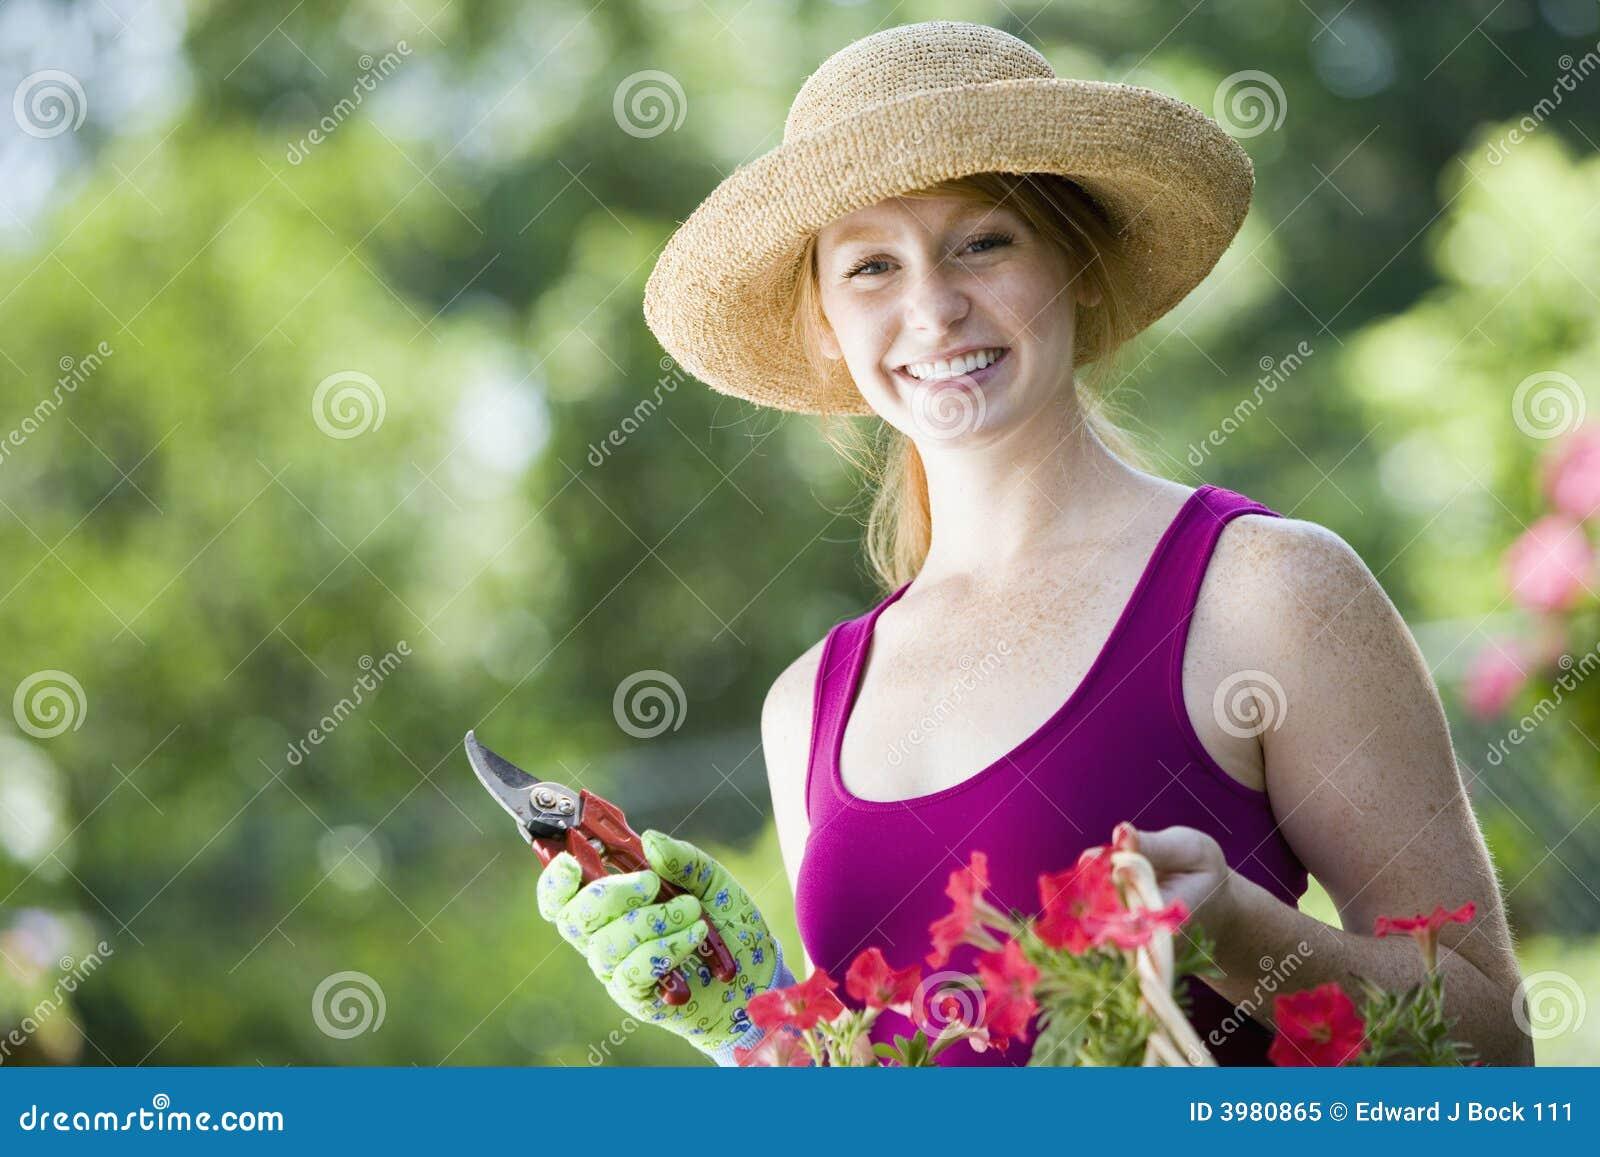 Giardiniere grazioso sorridente della donna fotografia for Immagini giardiniere